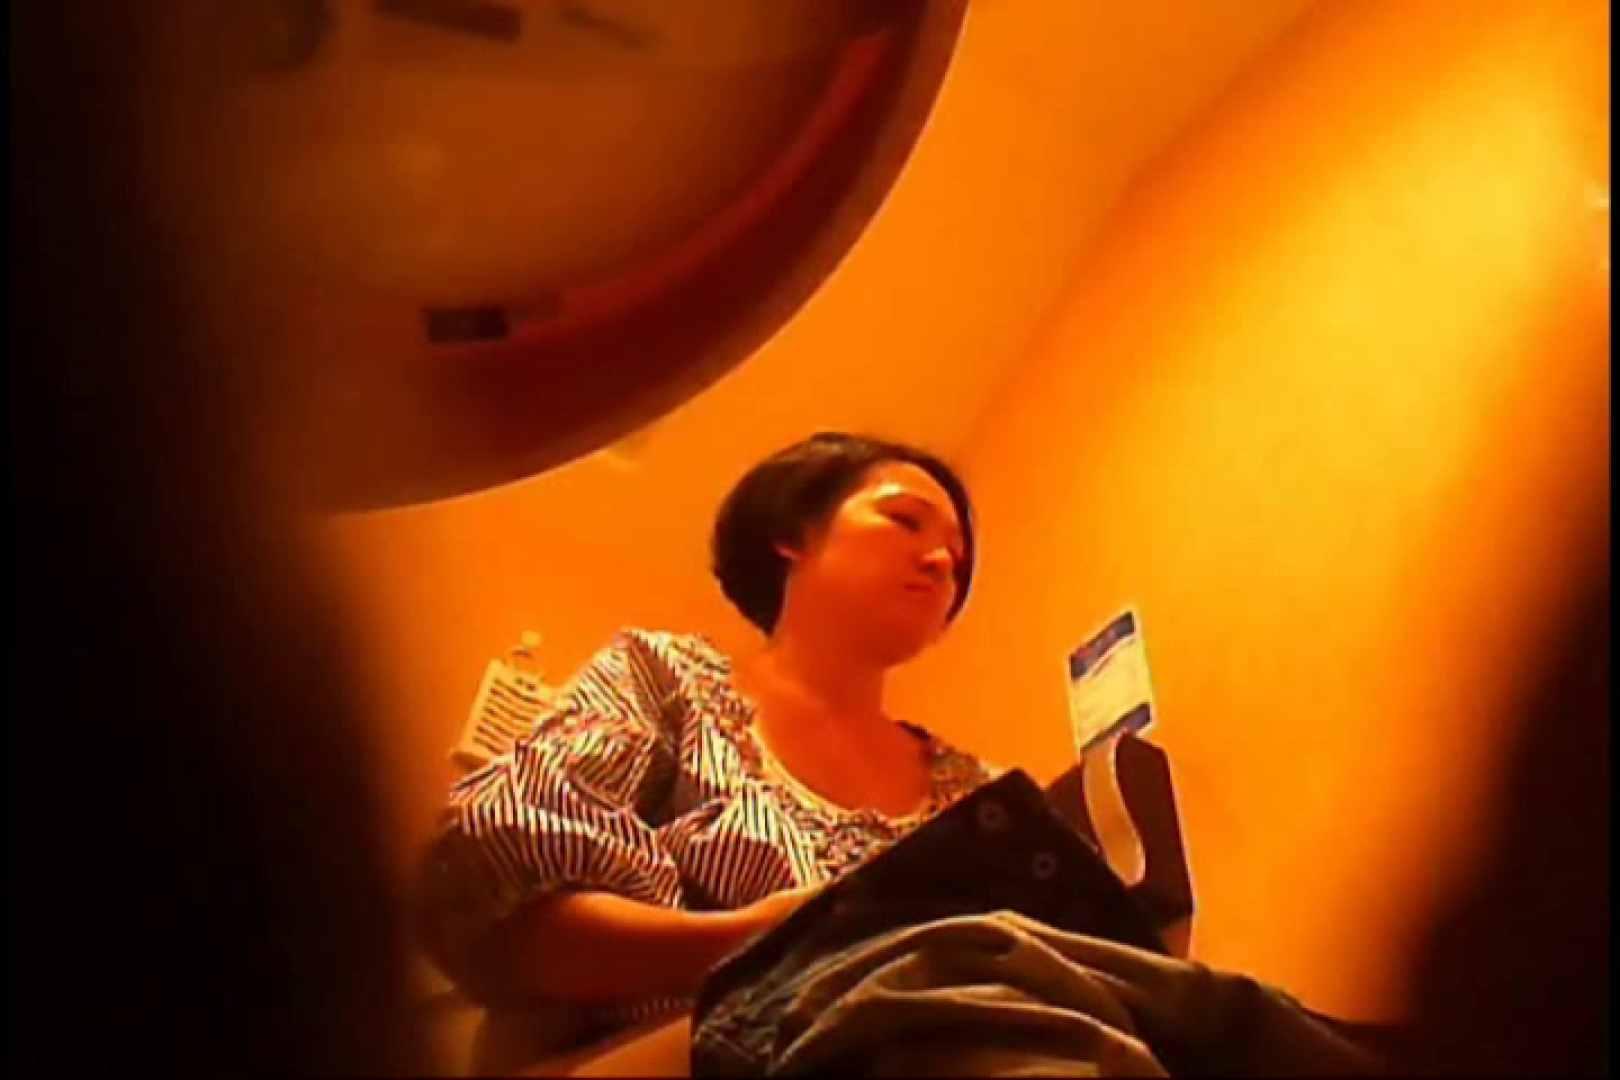 潜入!!女子化粧室盗撮~絶対見られたくない時間~vo,62 熟女エロ画像 AV無料動画キャプチャ 59PICs 44